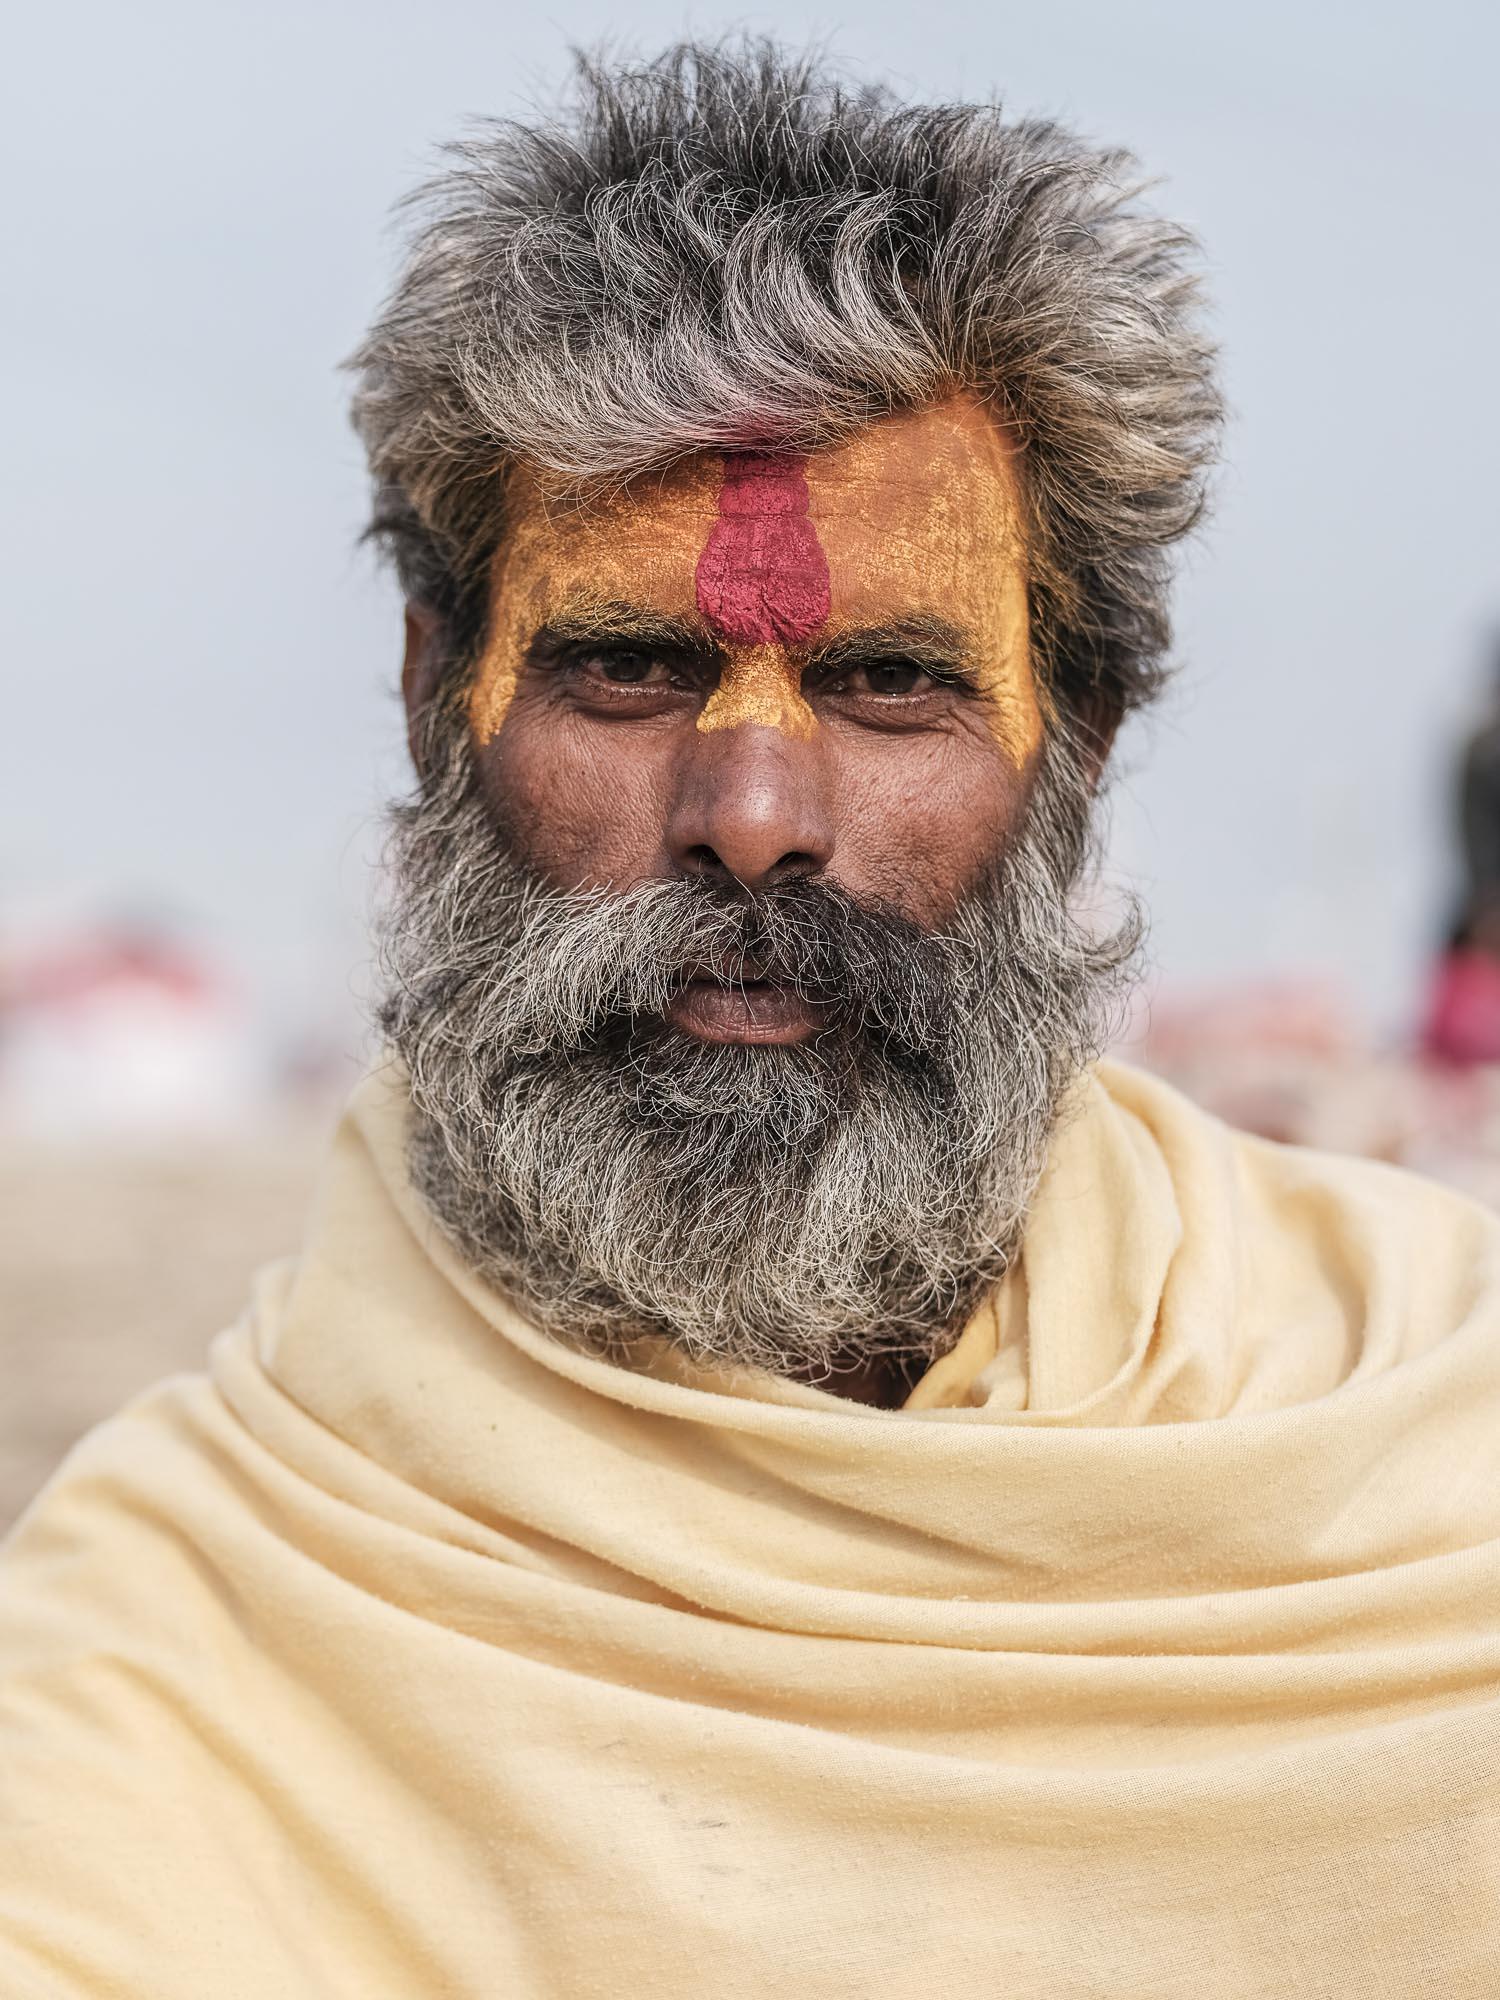 Kumbh Mela Documentary Photography India Hindu Festival Allahabad Travel Jose Jeuland 63